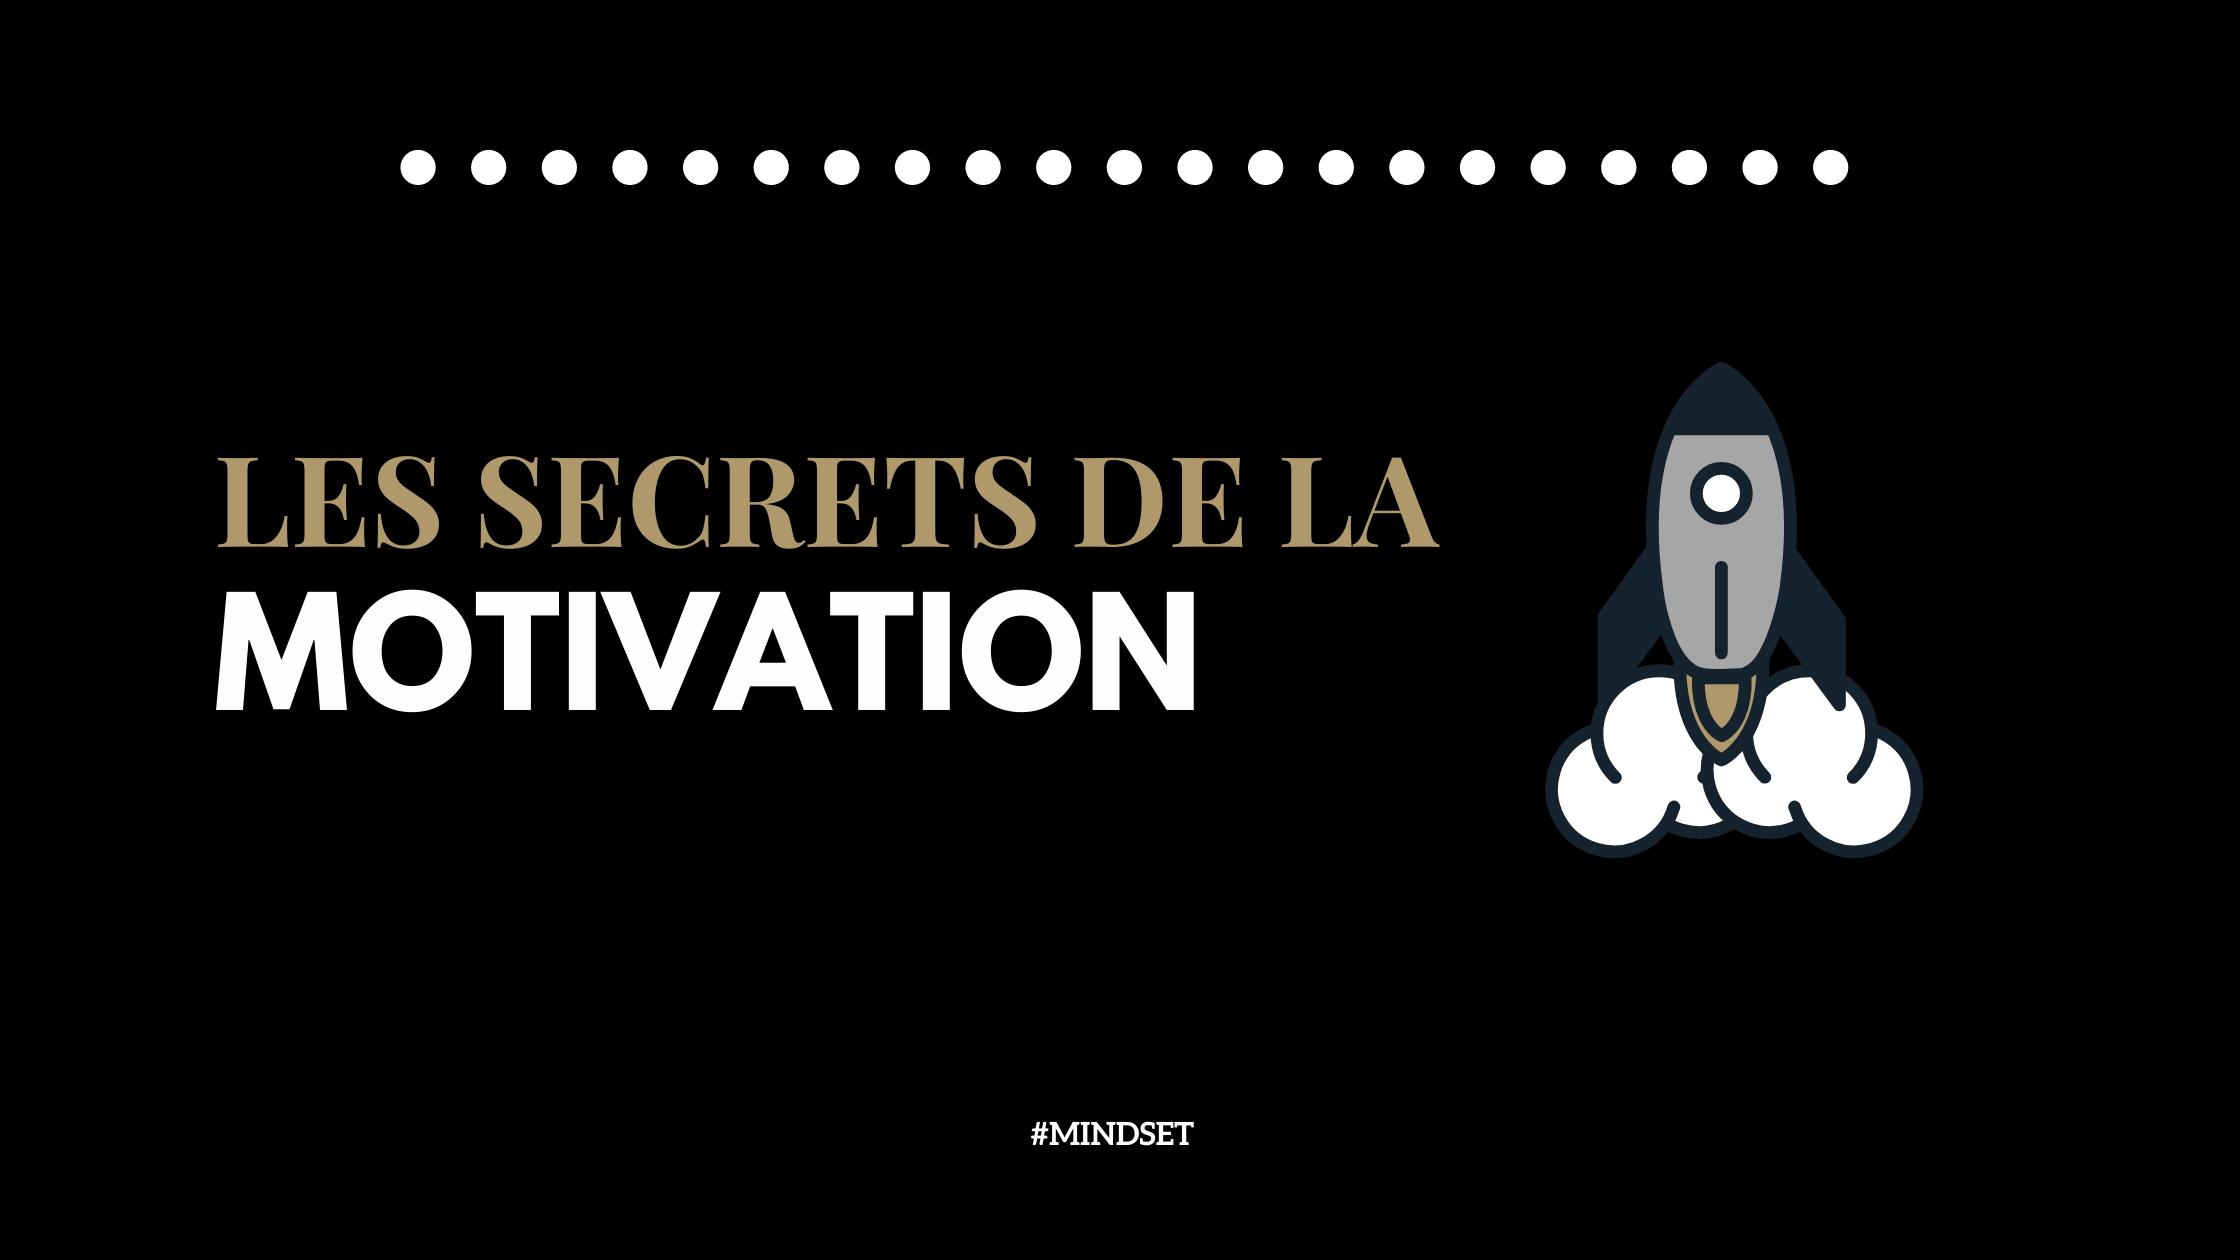 Les secrets de la motivation